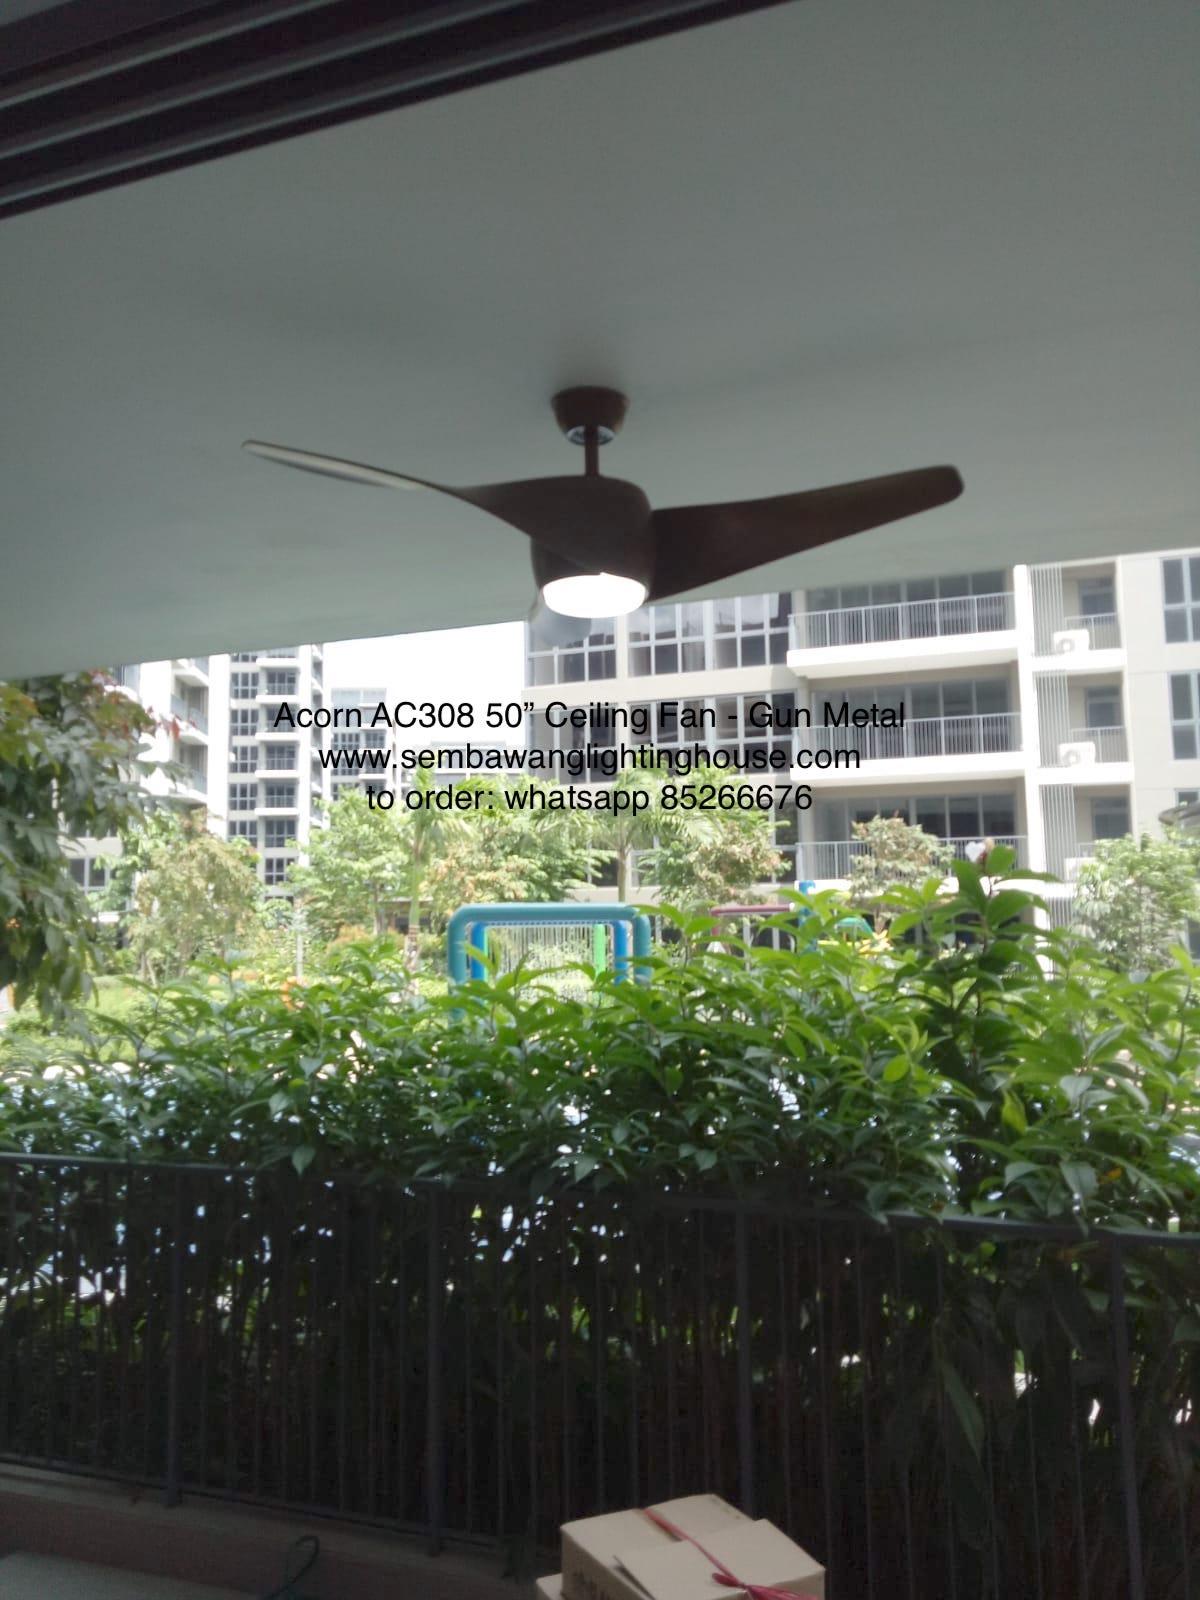 sample04-acorn-ac308-ceiling-fan-gun-metal-sembawang-lighting-house.jpg